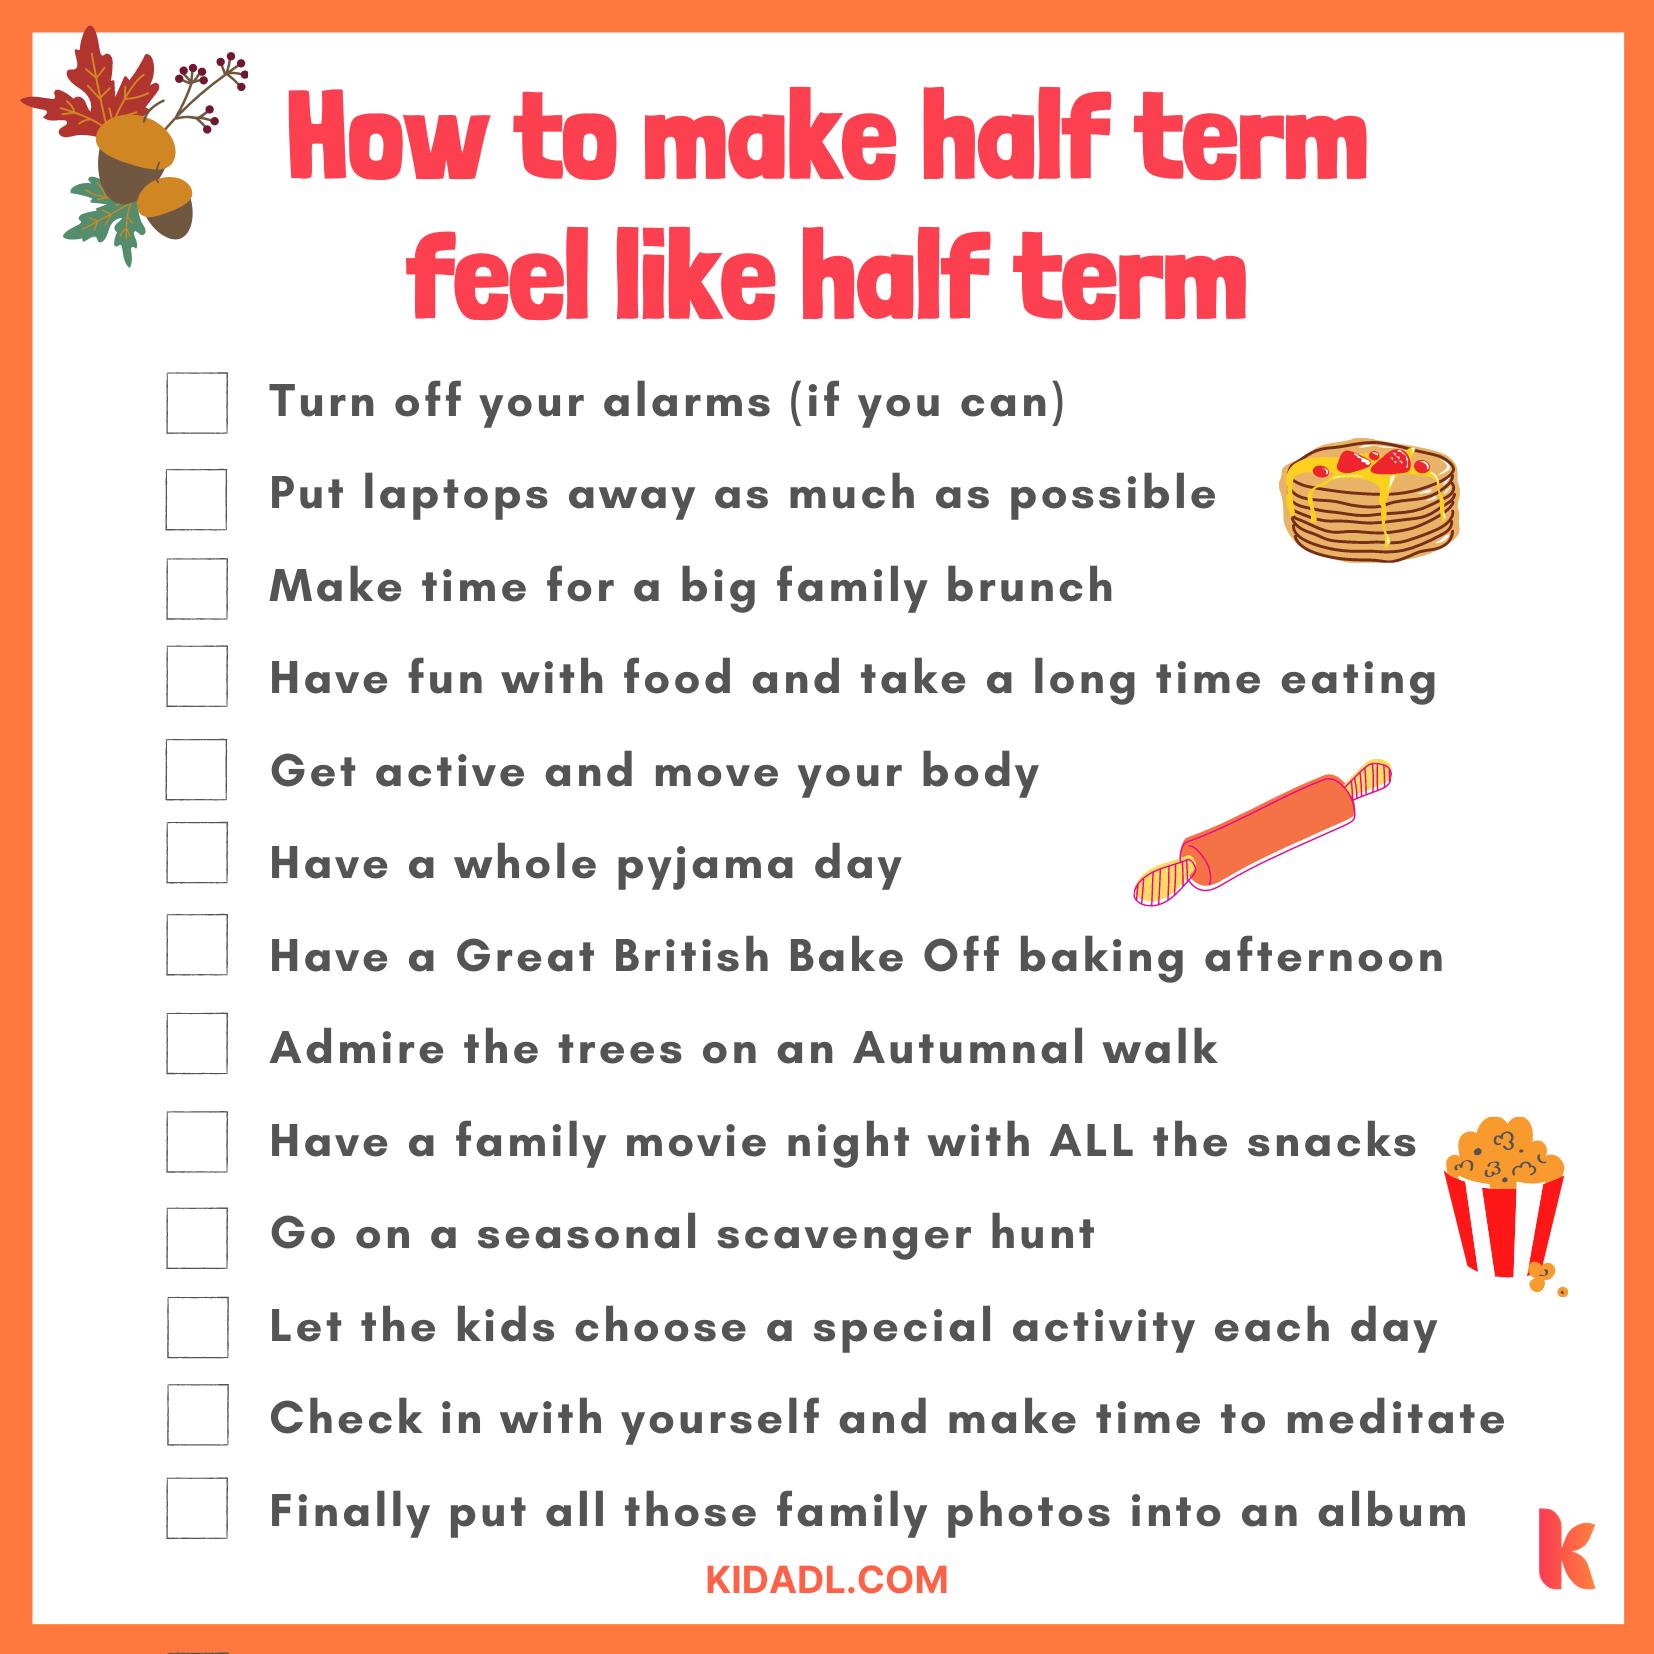 October half term checklist